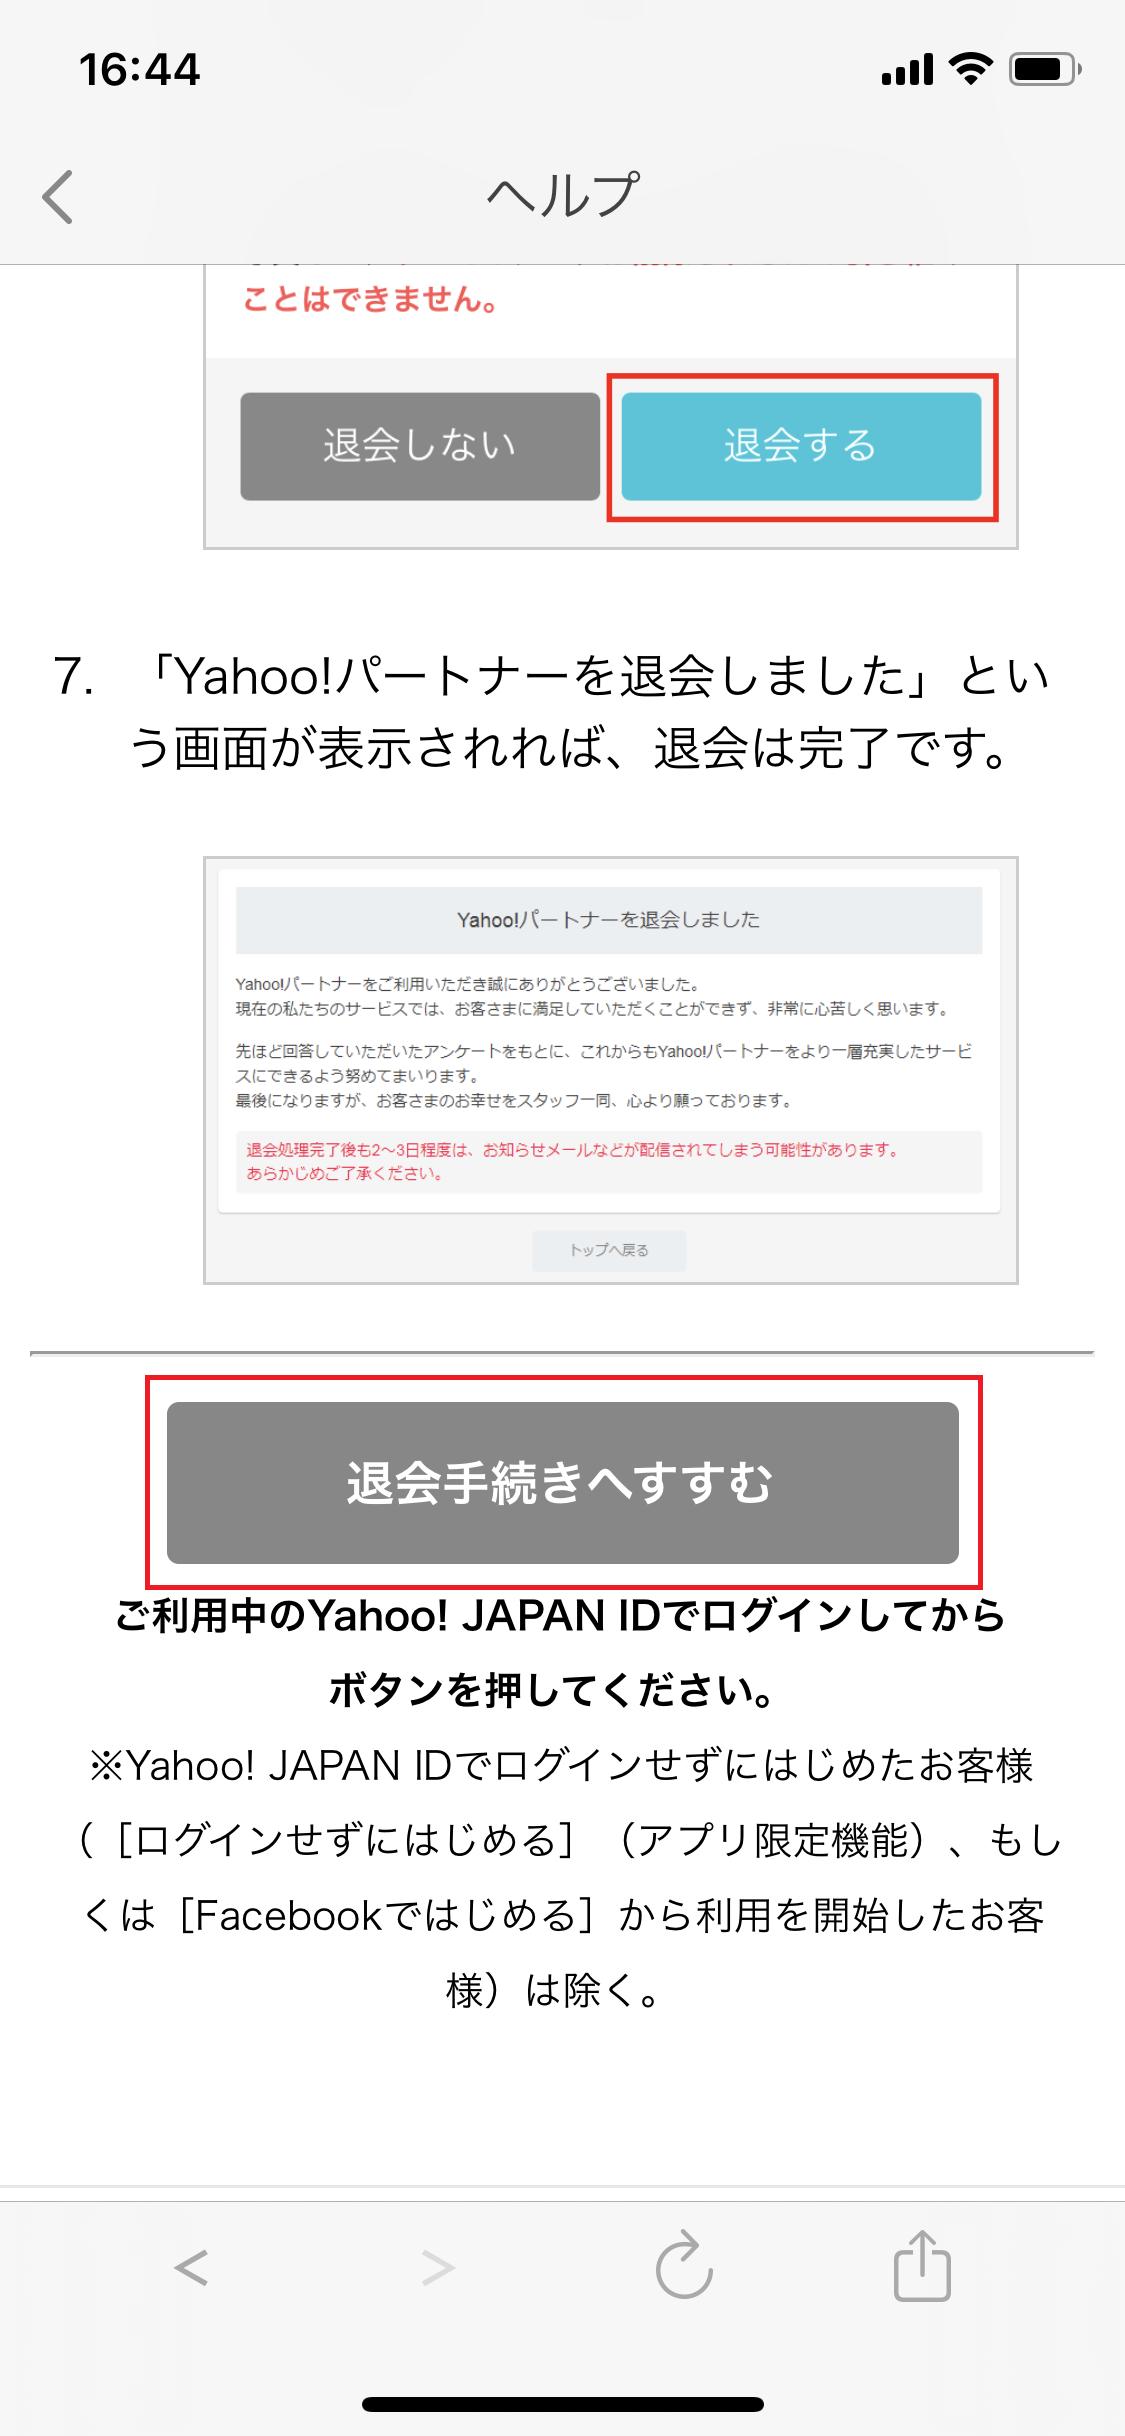 Yahoo!パートナー 「退会手続きへすすむ」をタップ